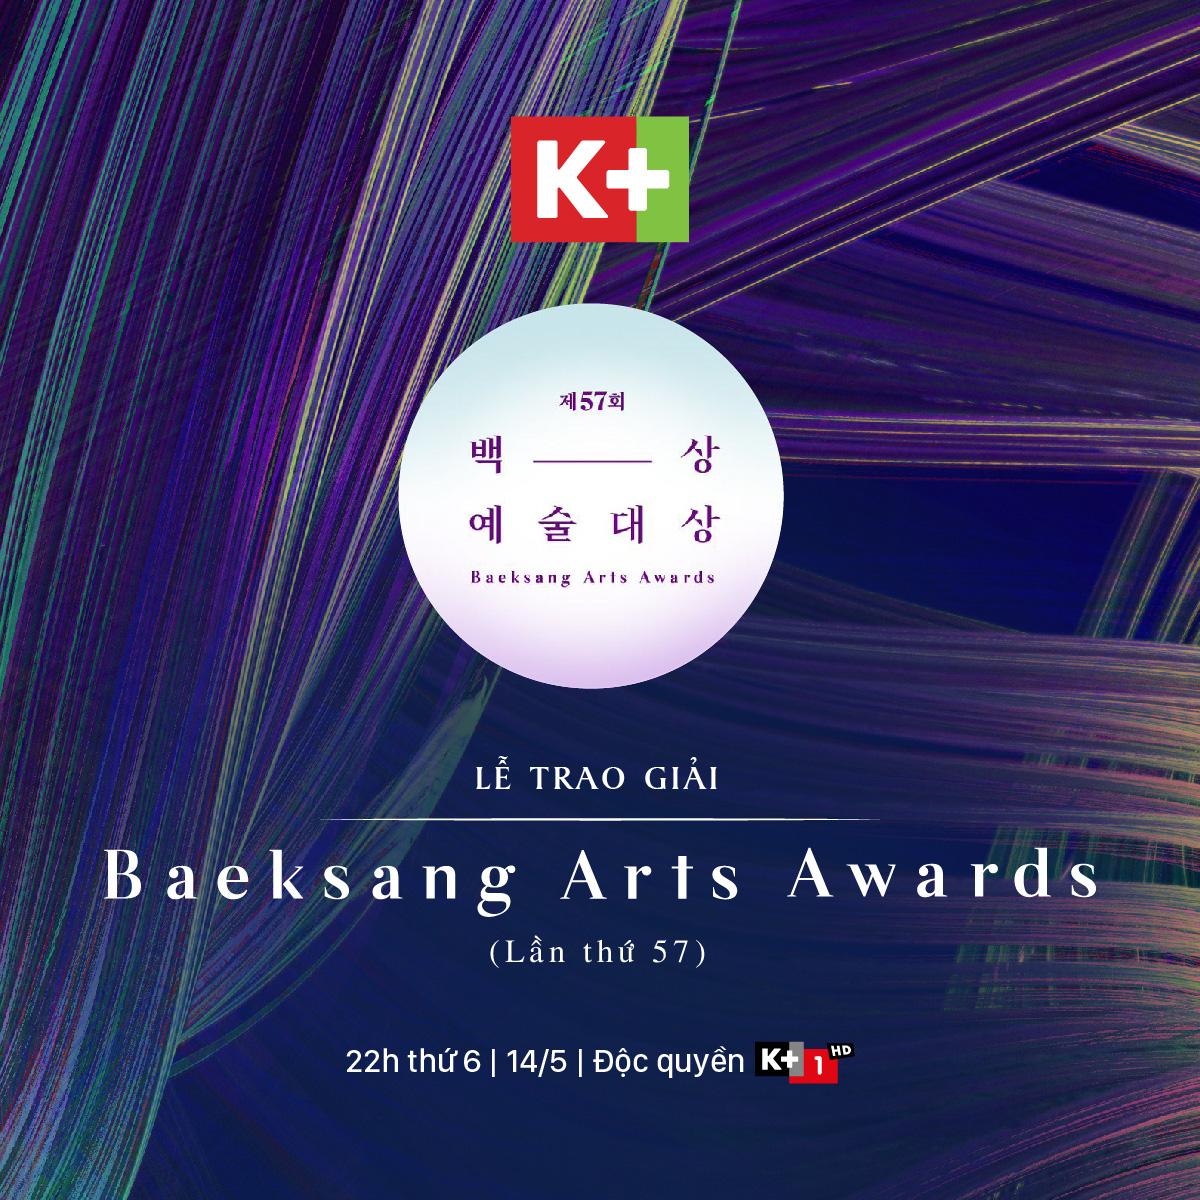 Mùa Baeksang 2021 đáng mong chờ sẽ lên sóng trên K+ - Ảnh 1.